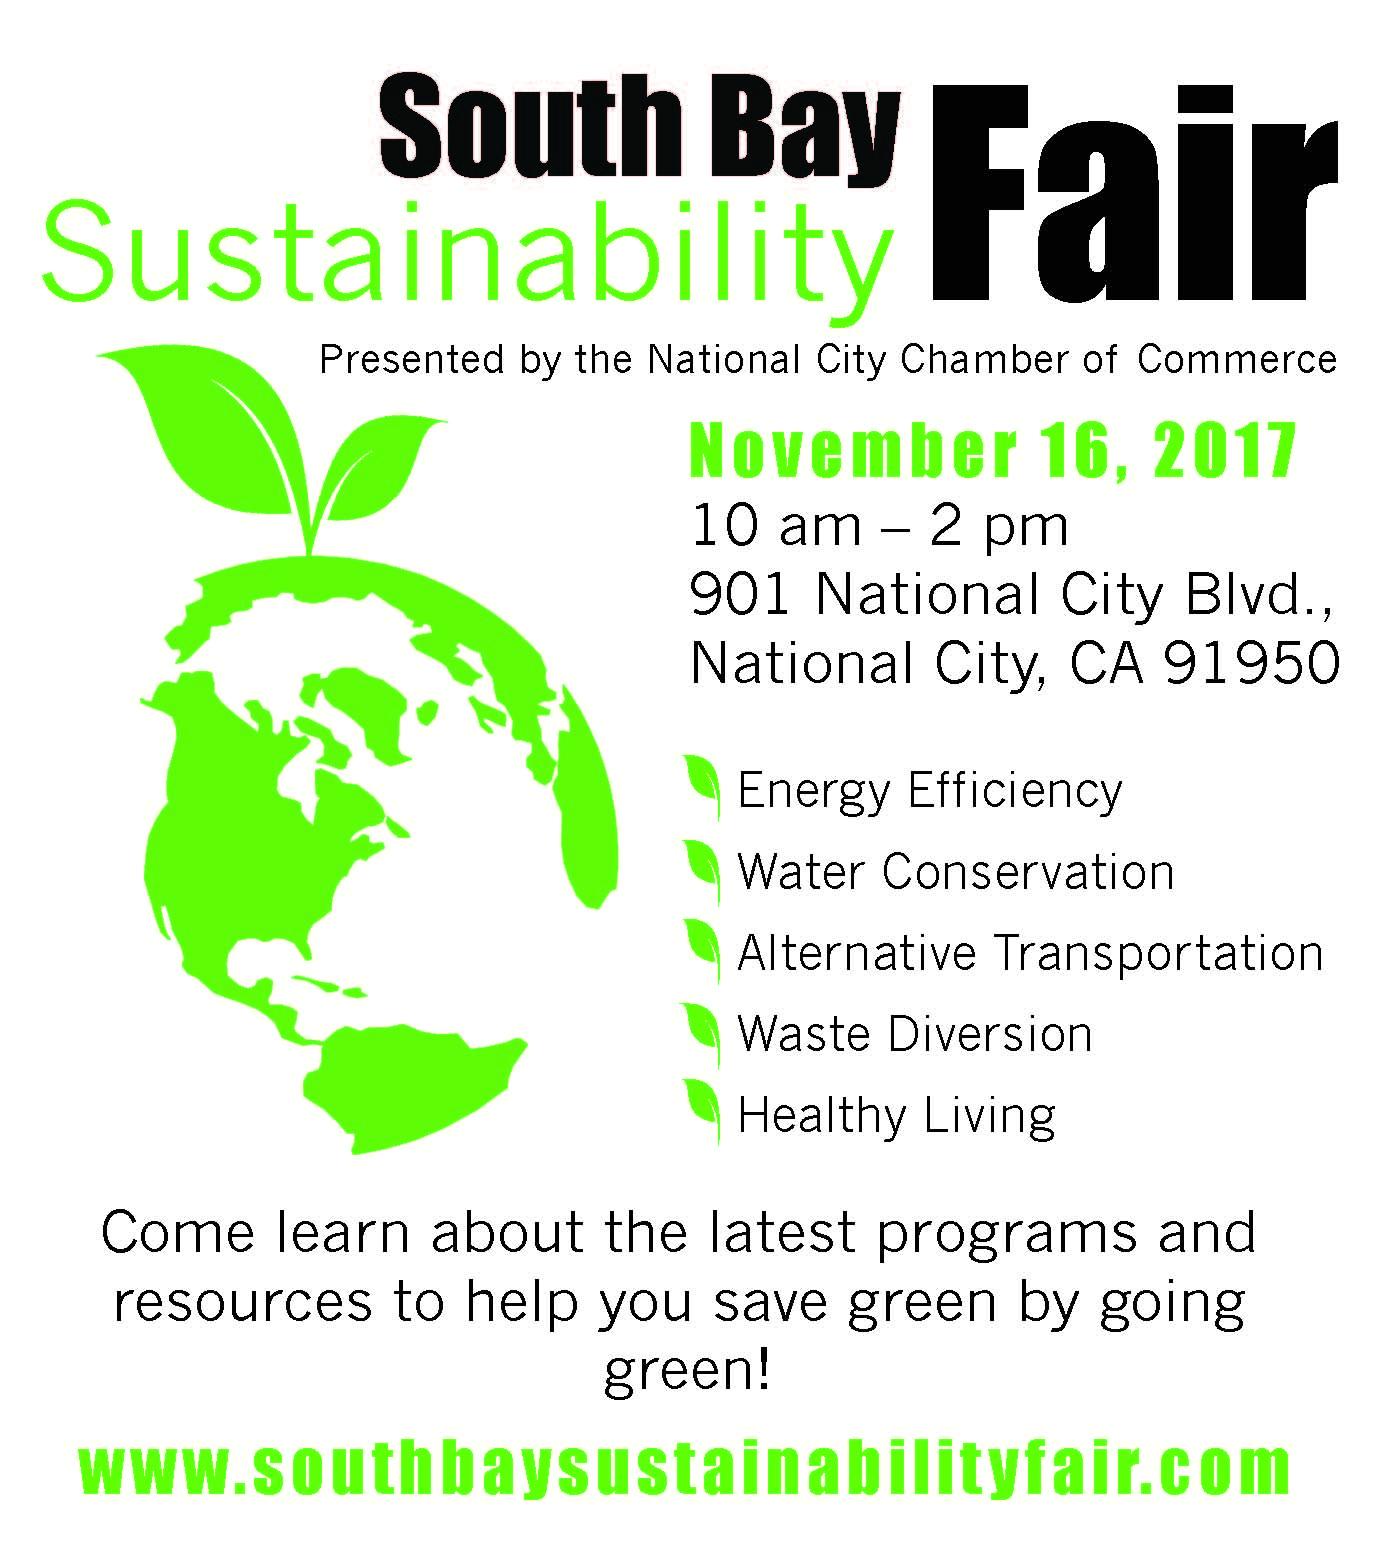 South Bay Sustainability Fair